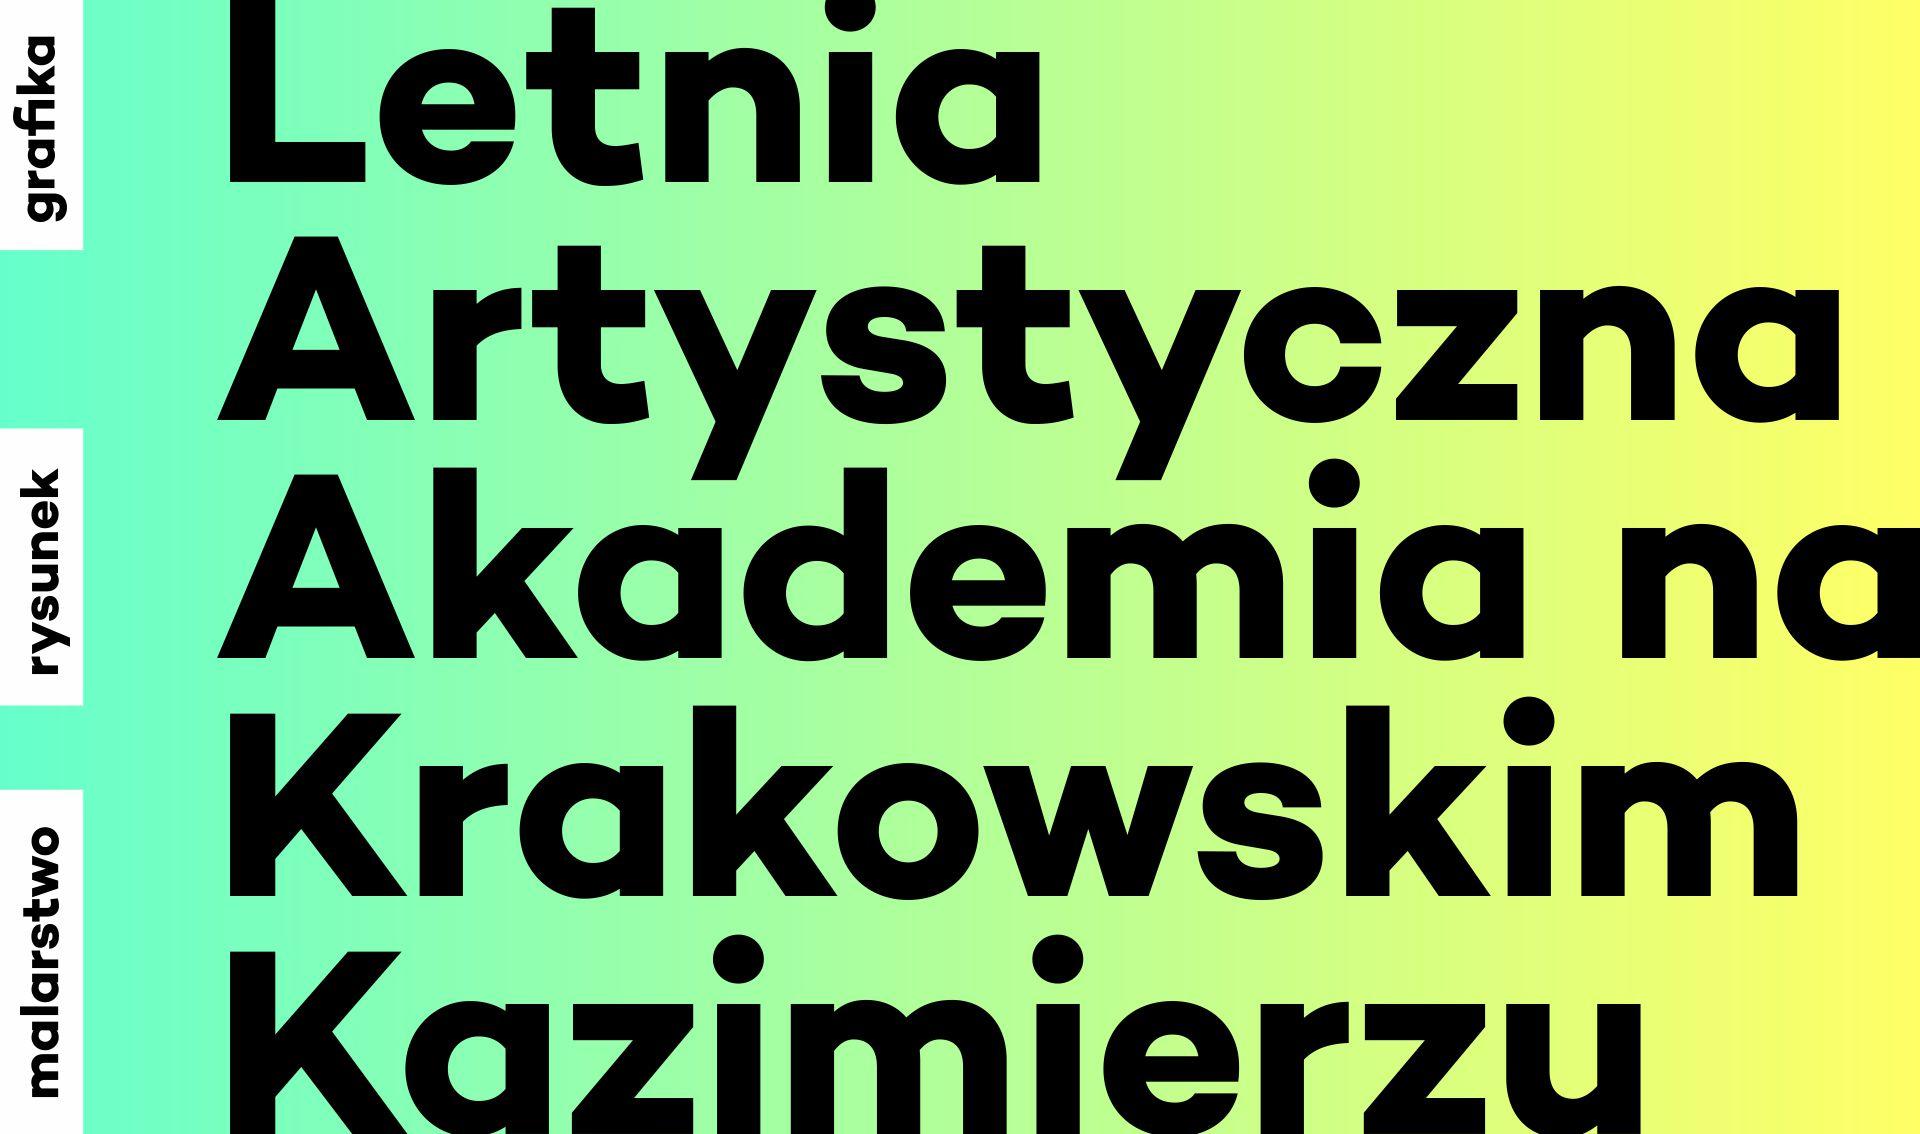 Letnia Artystyczna Akademia na Krakowskim Kazimierzu